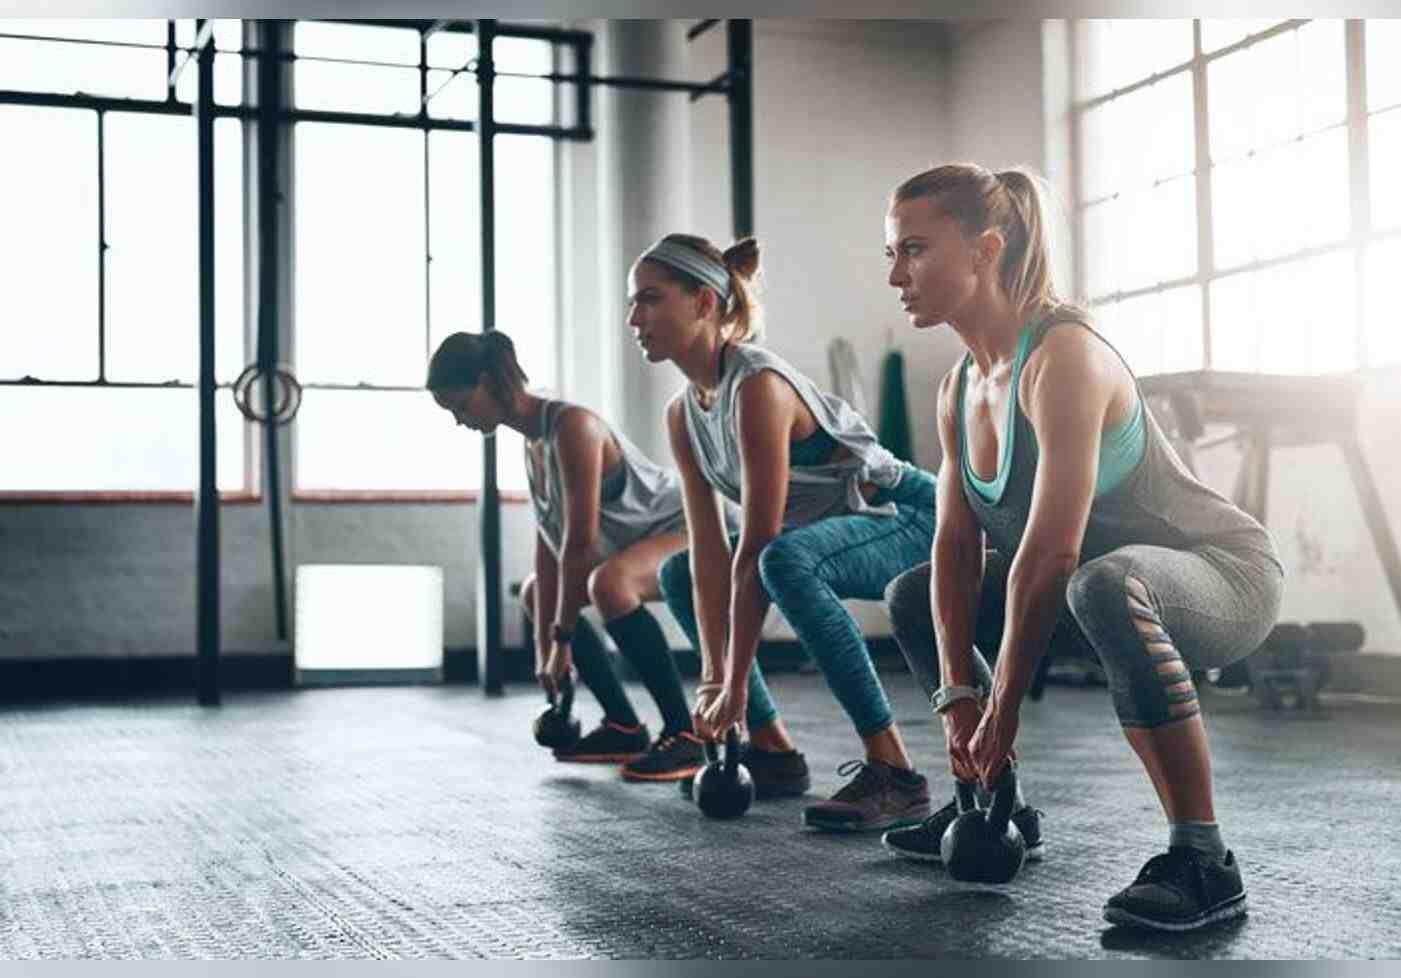 Comment s'entraîner avec des poids?